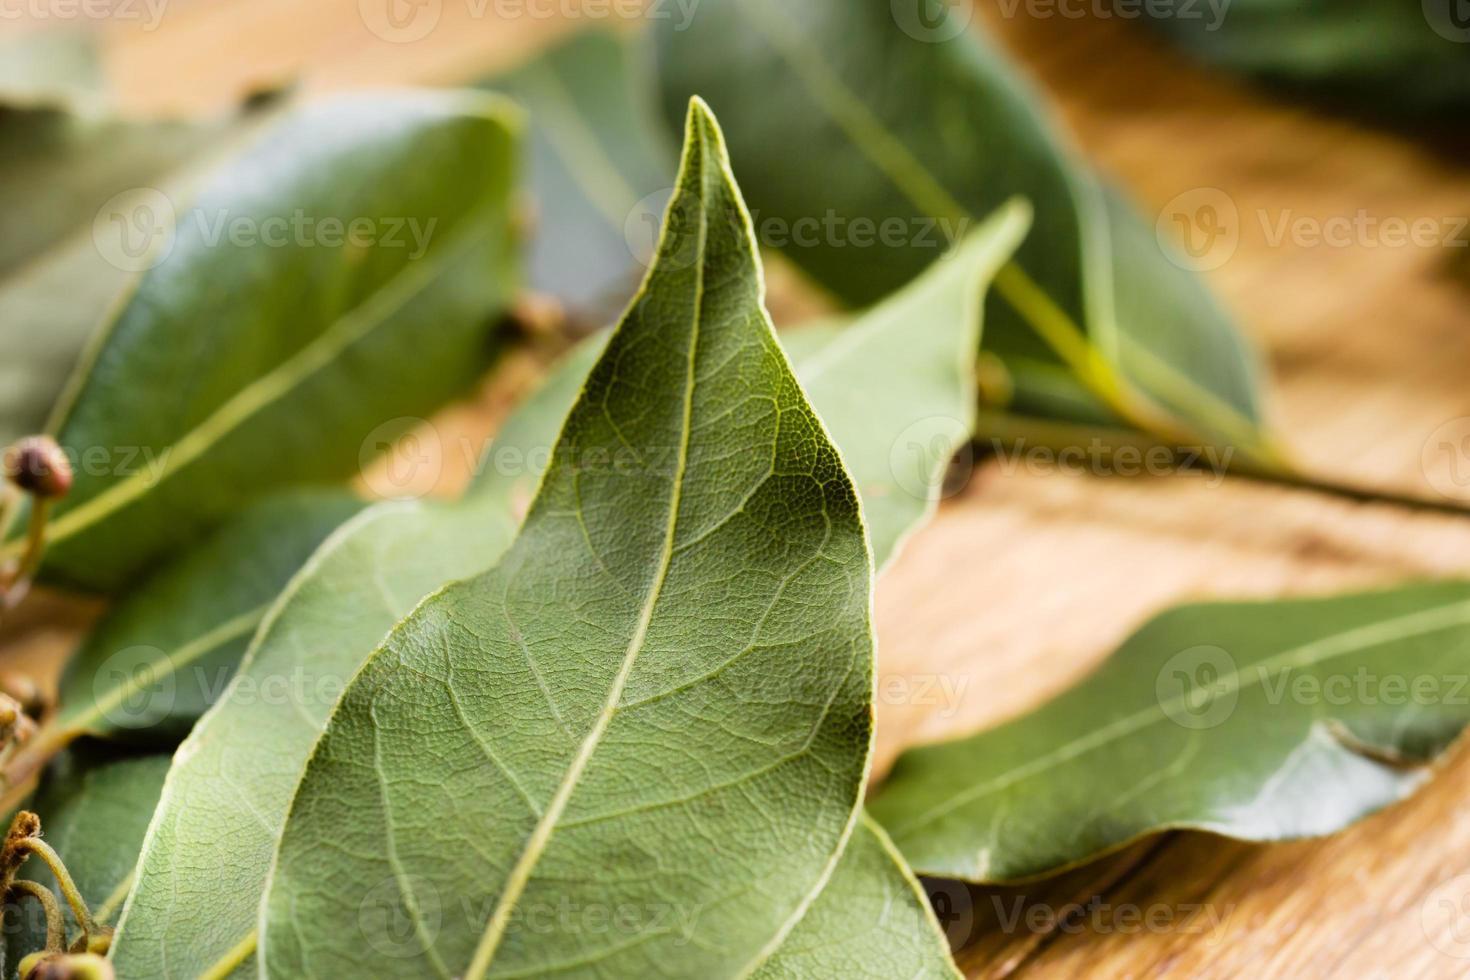 laurierblad macro. biologisch voedsel foto